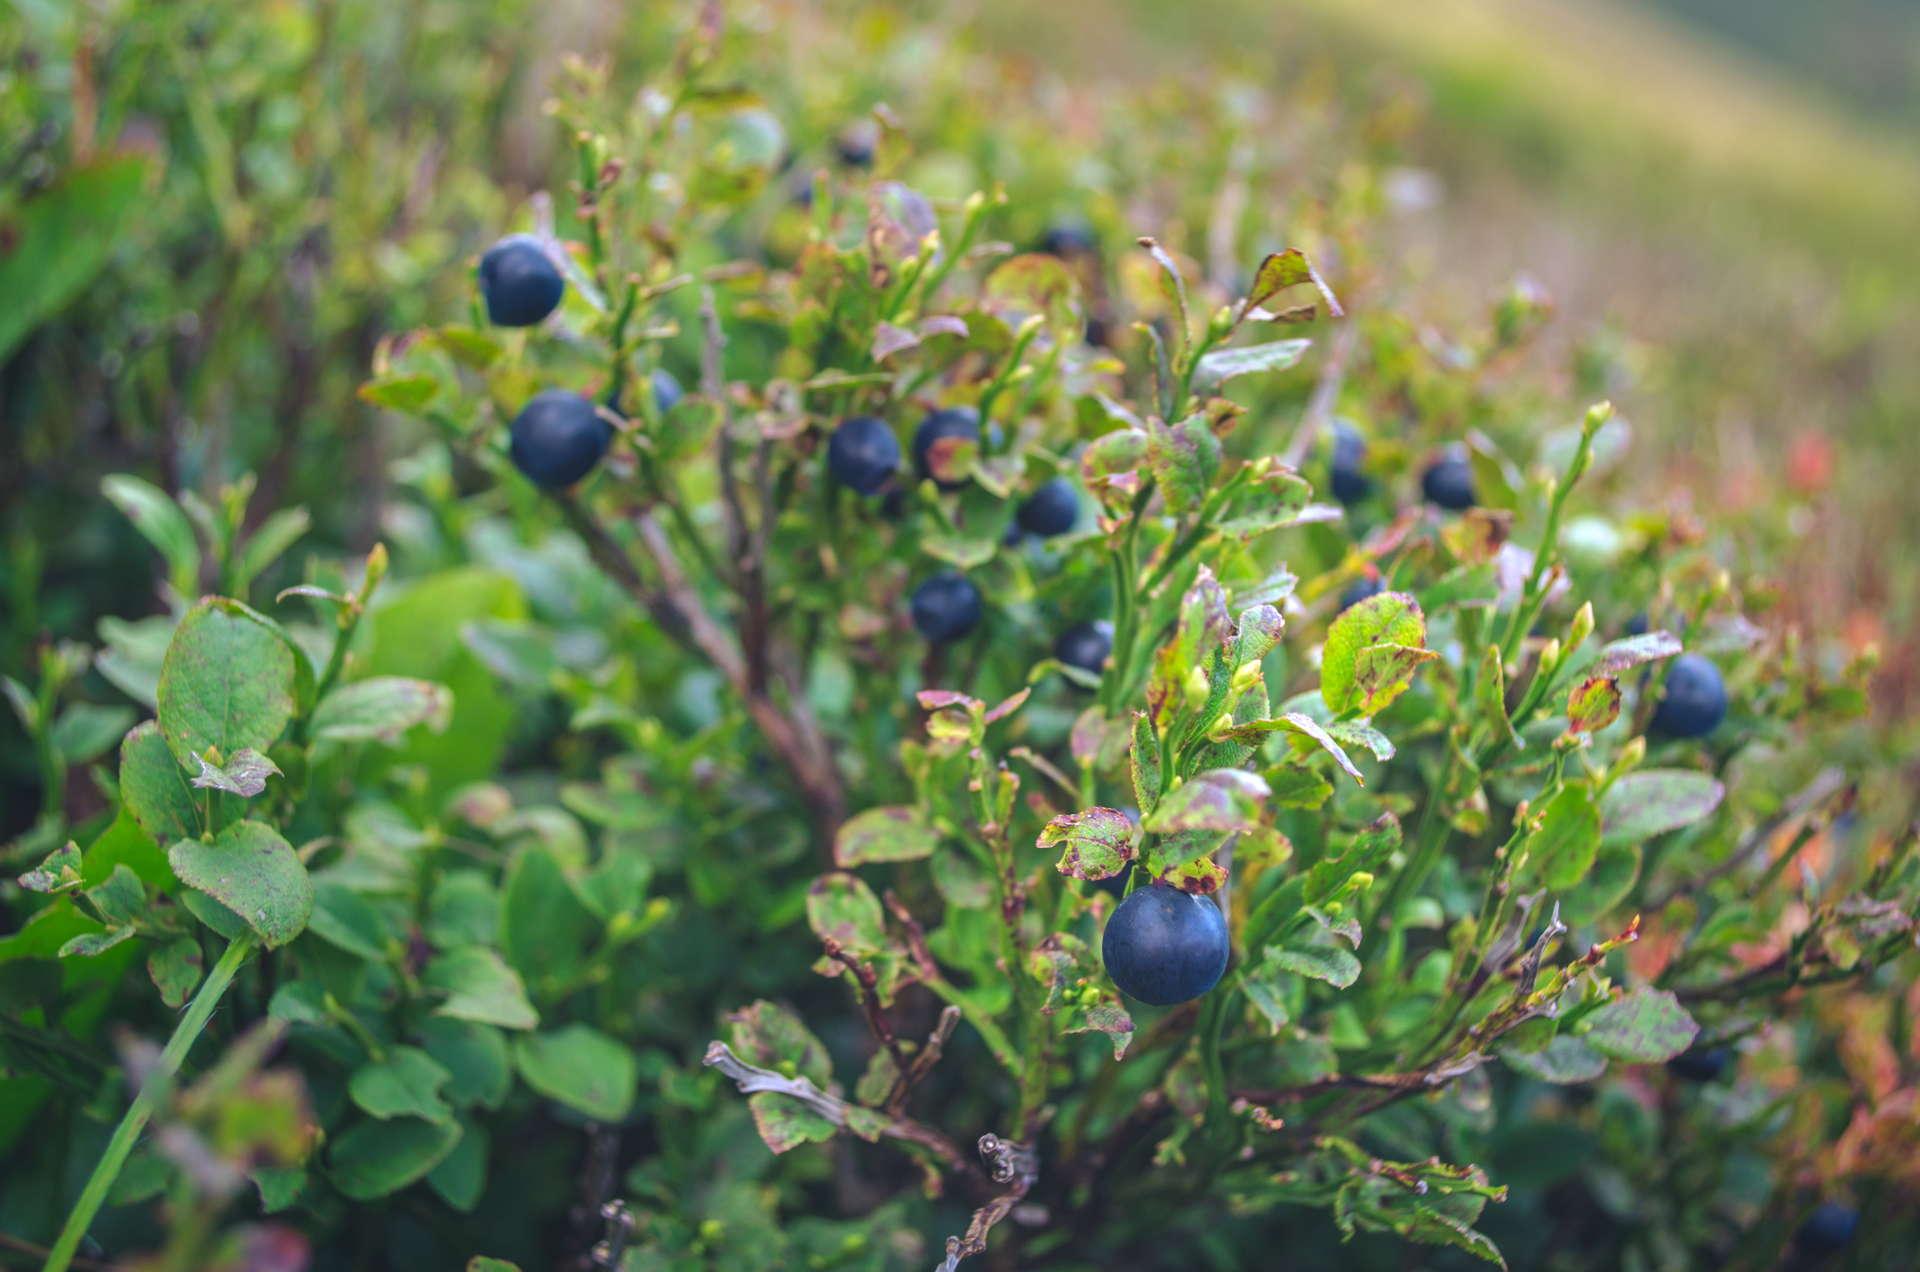 borzava, polonina borzava, ukraine borzava, hiking at borzava, borzava hike, backpacking ukraine, backpacking in karpaty, carpathian mountains, ukrainian carpathians, carpathians, karpaty ukraine, borzava trail, wildcamping ukraine, wildcamping carpathian mountains, best picture from carpathian mountains, blueberry, blueberry polonina, blueberry ukraine, bluberry hike, blueberry carpathians, Polonina Borzava over Stij